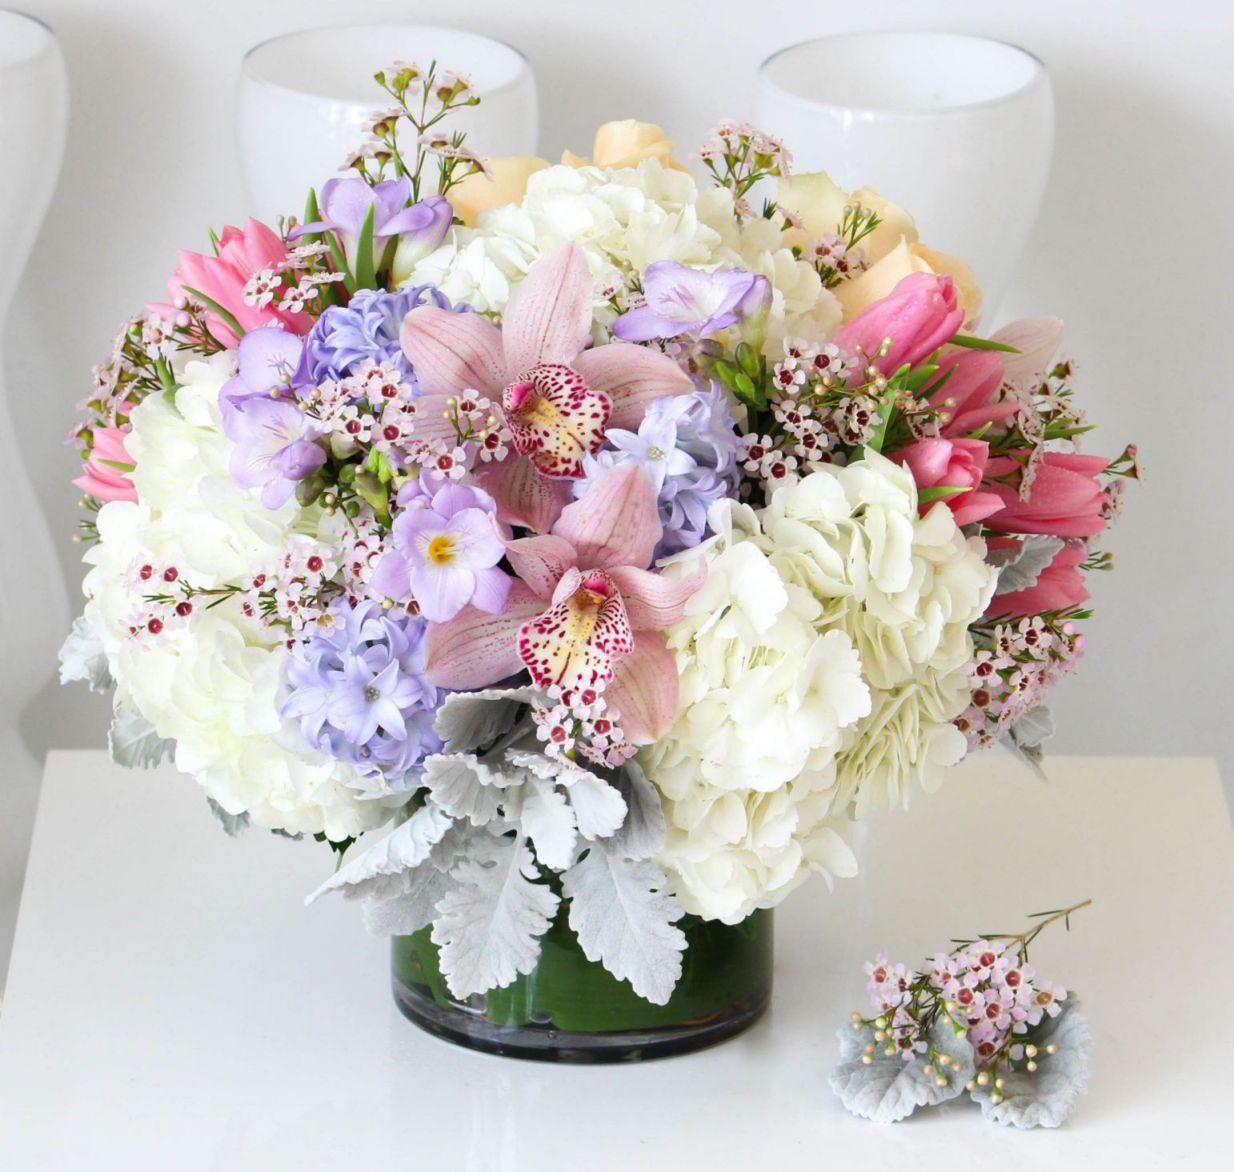 Không nhất thiết phải là hoa tươi, bạn có thể chọn hoa vải trang trí để có thể tái sử dụng, tăng tính kinh tế vượt bậc